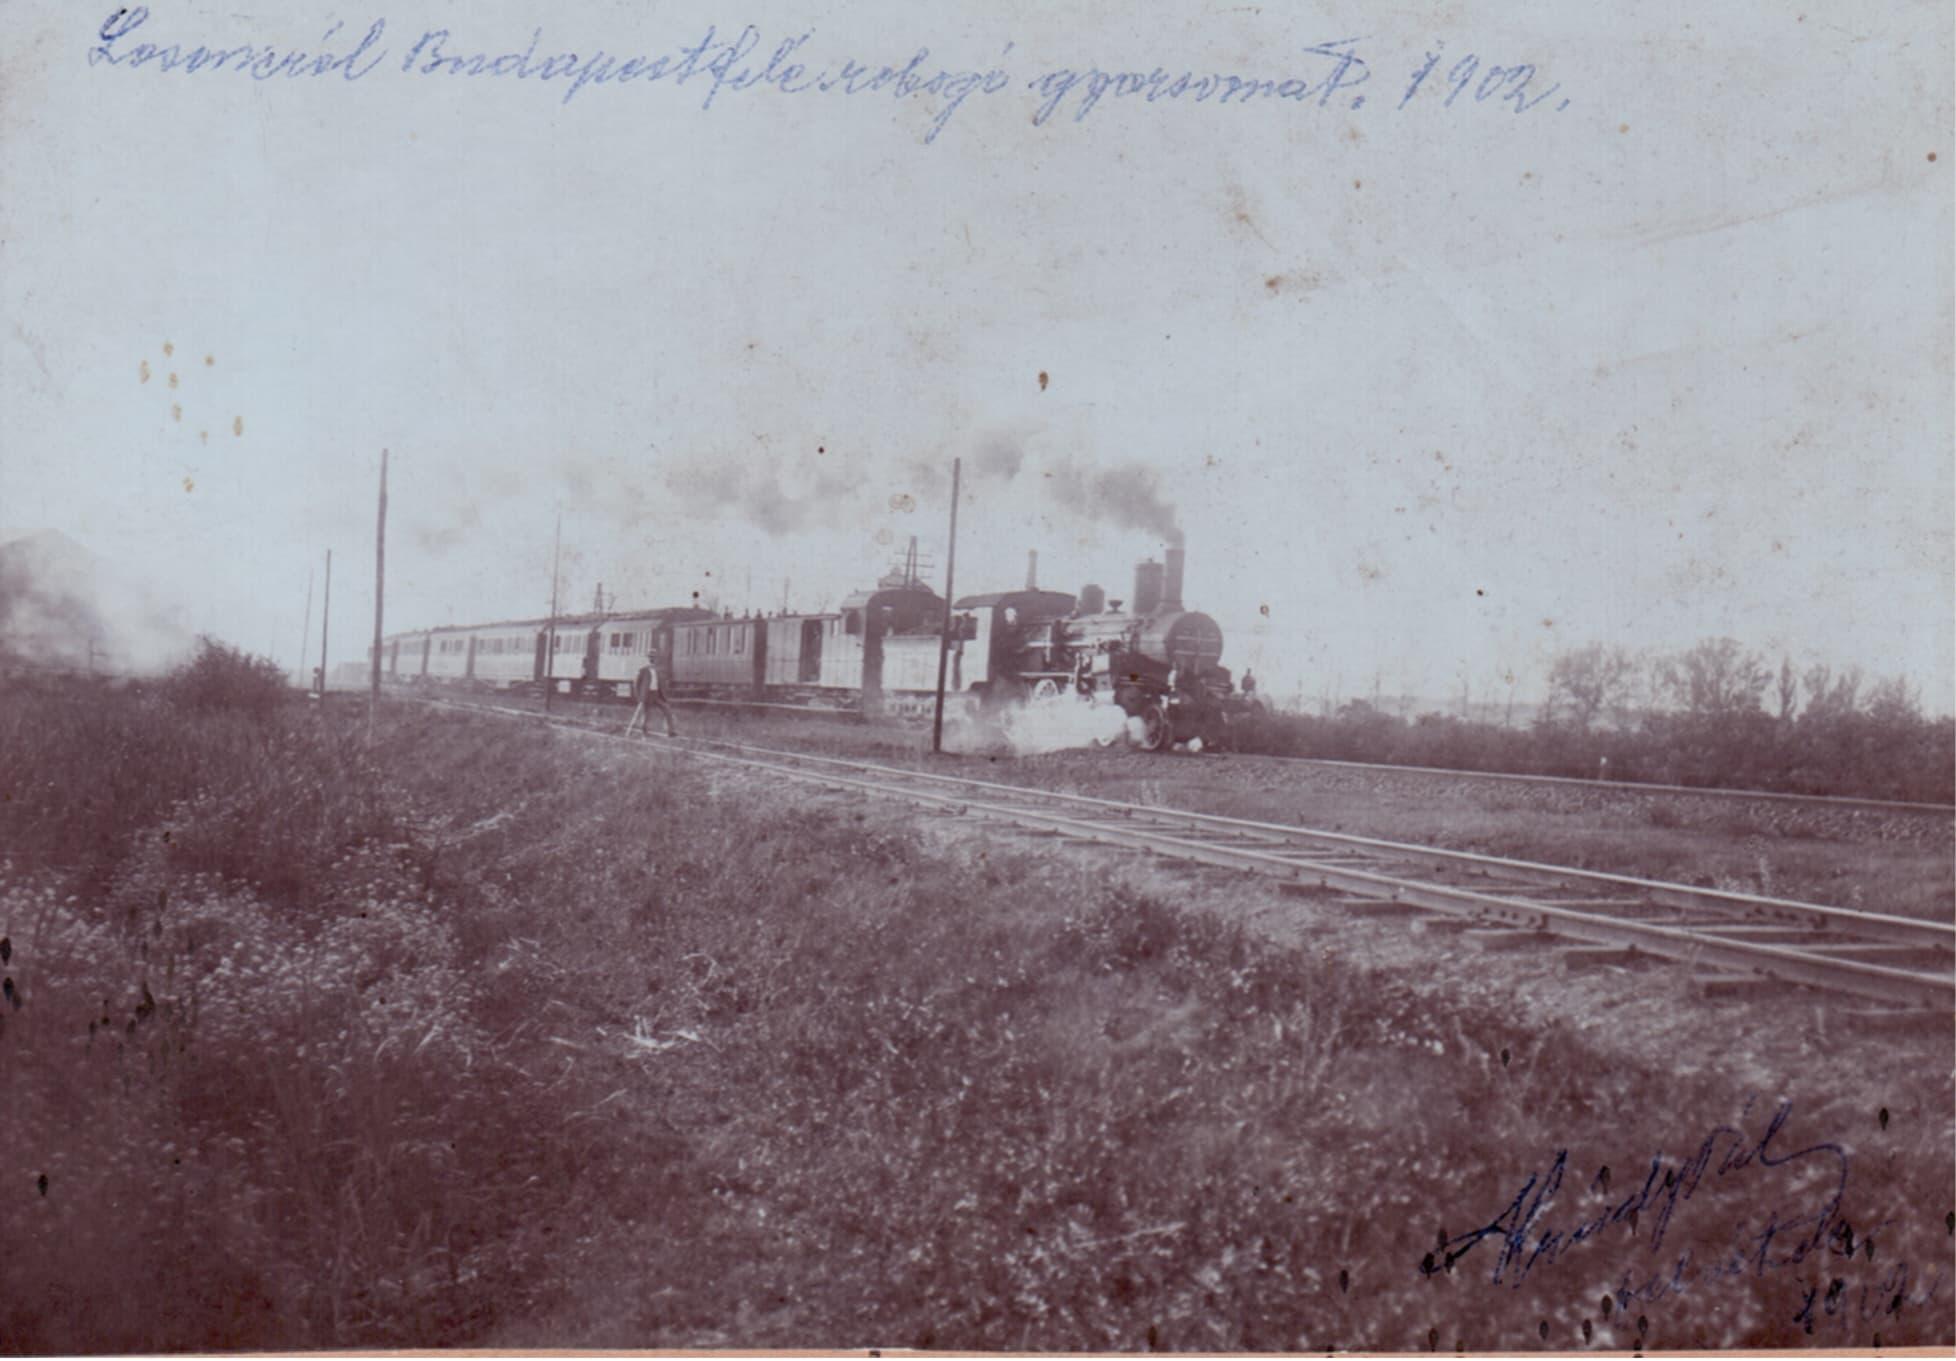 gyorsvonati szerelveny losonc kozeleben 1902